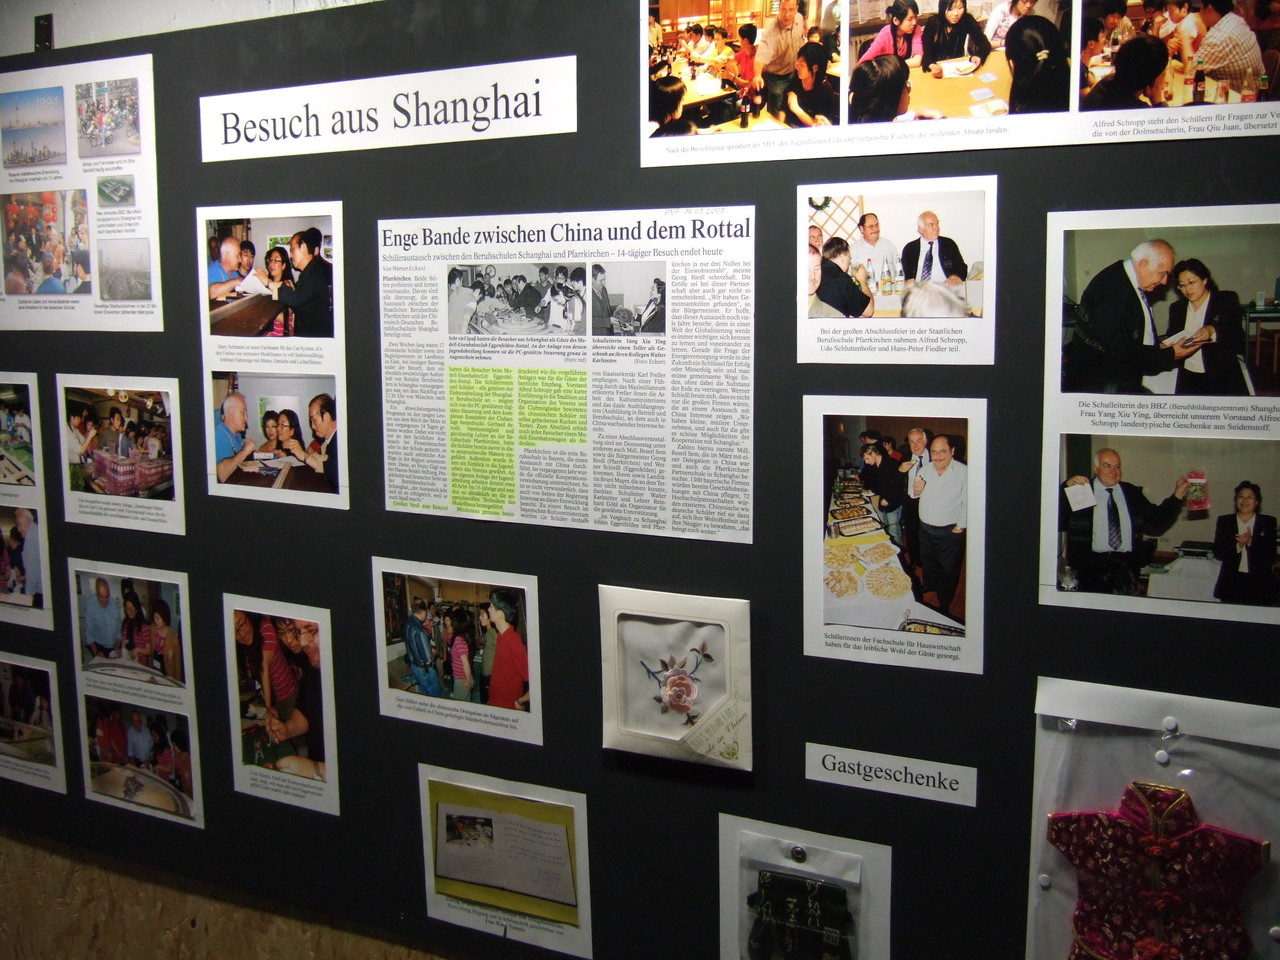 2010: Schautafel informiert über die früheren Besuche aus Shanghai